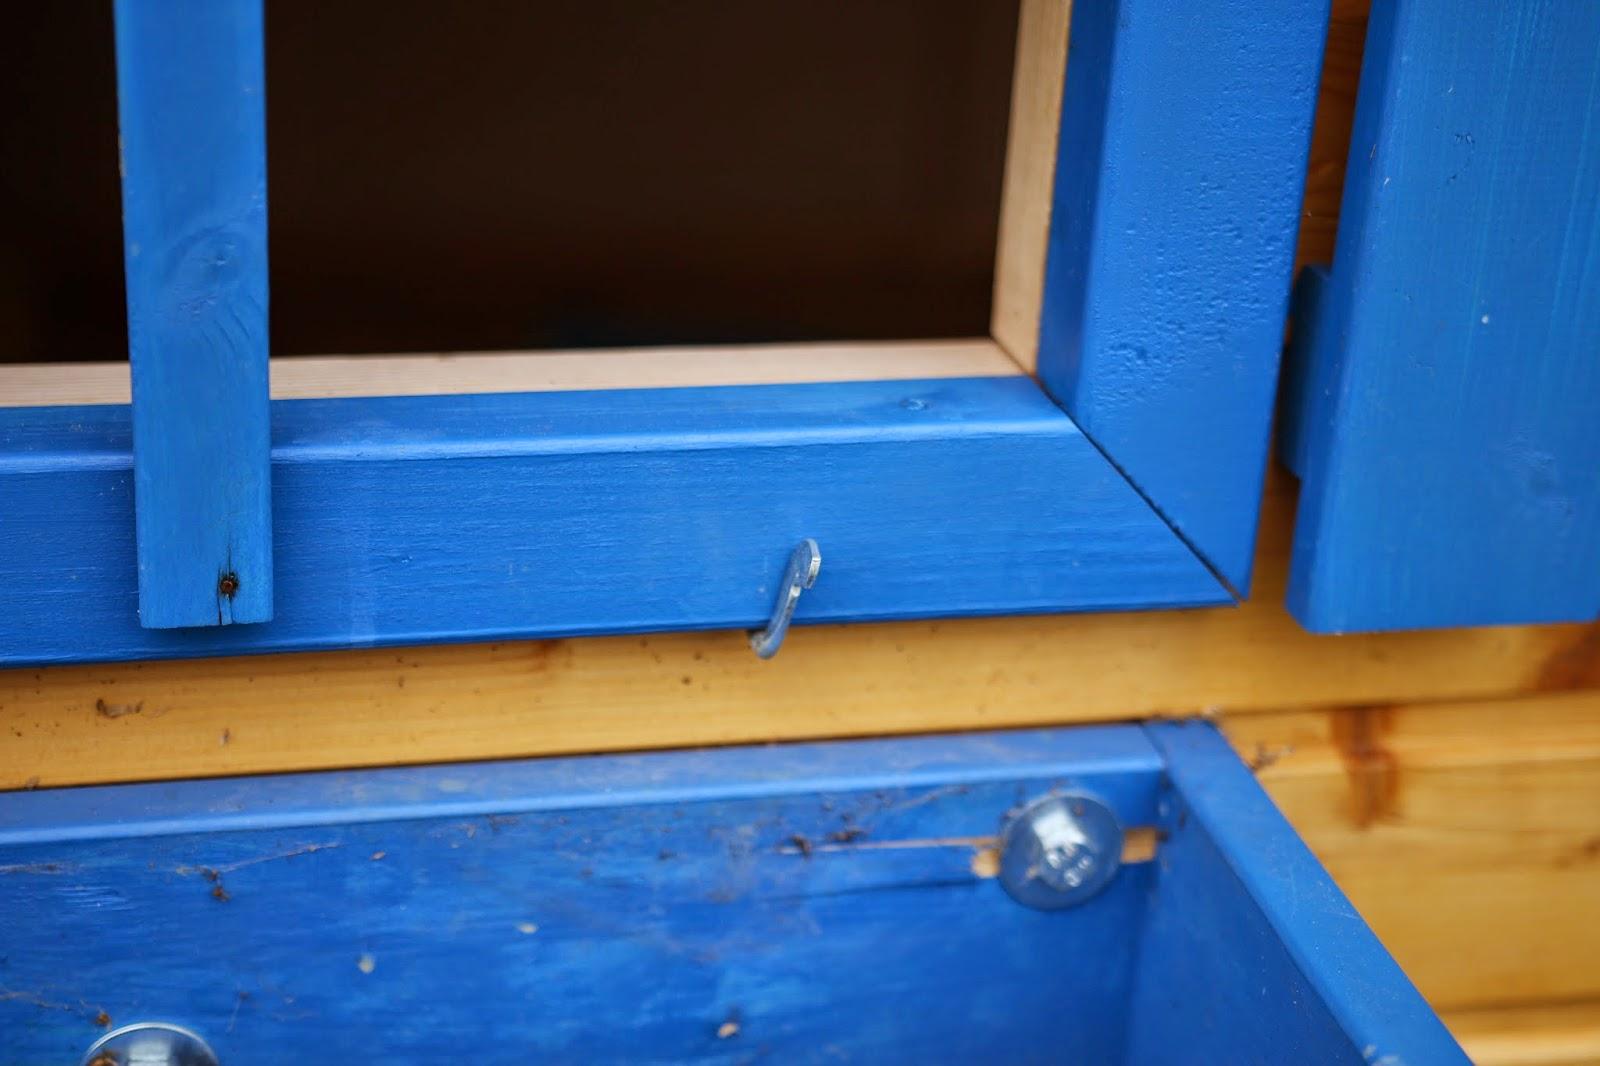 Zajištění okenního rámu u dětského domečku